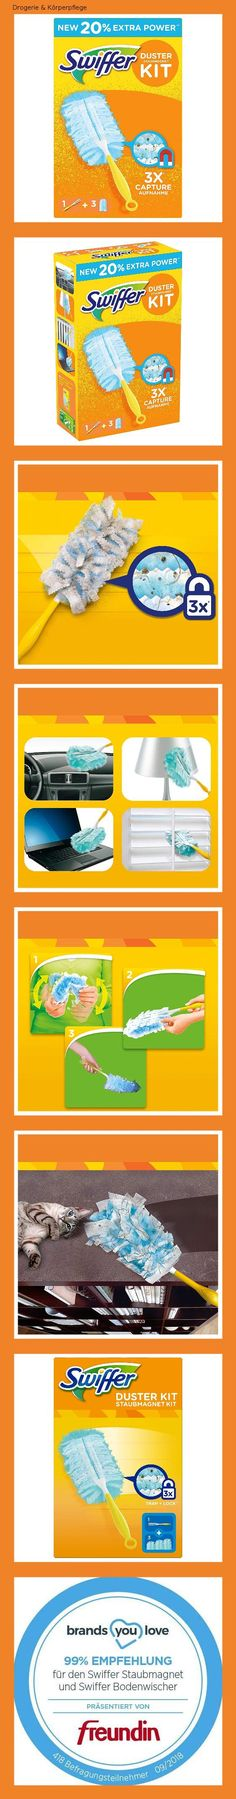 Sagrotan Wasche Hygienespuler Frisch Desinfektionsspuler Fur